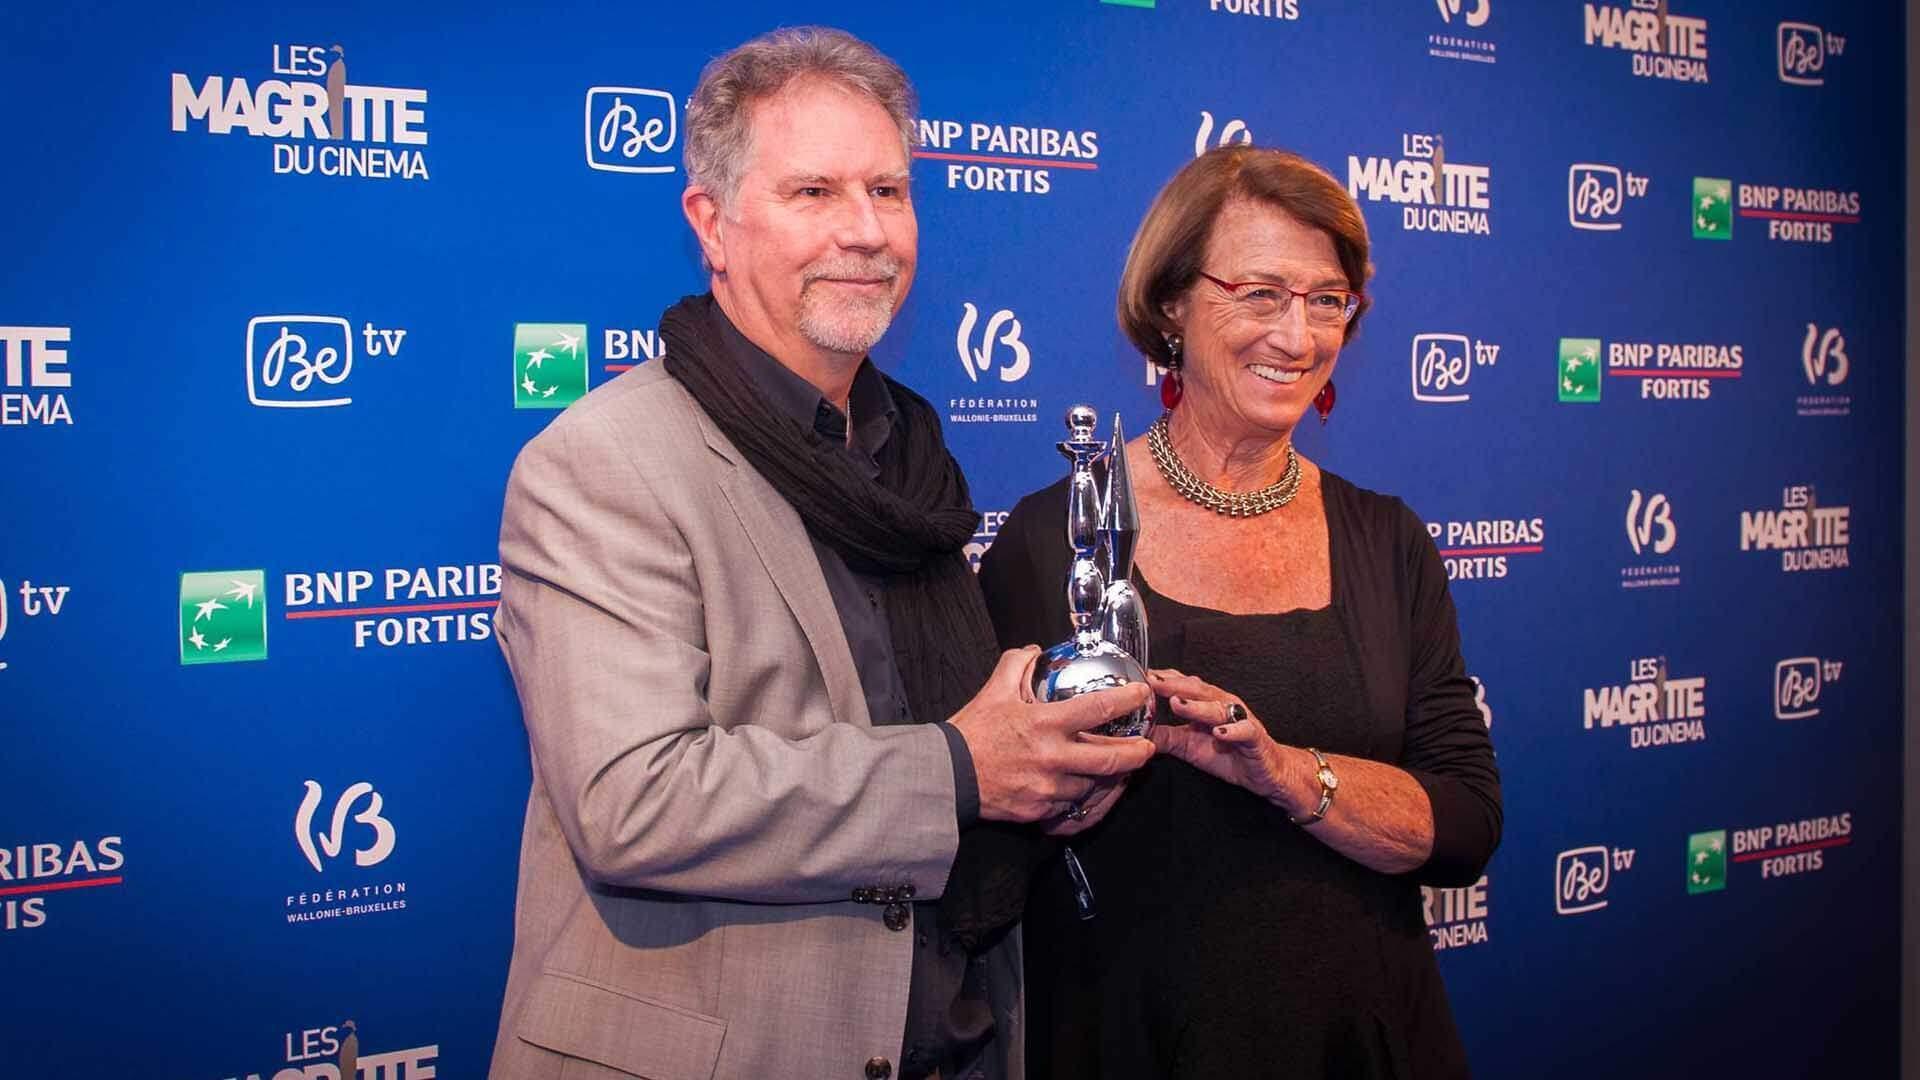 Michel Duprez - Colette Braekman - Thierry Michel - Magritte